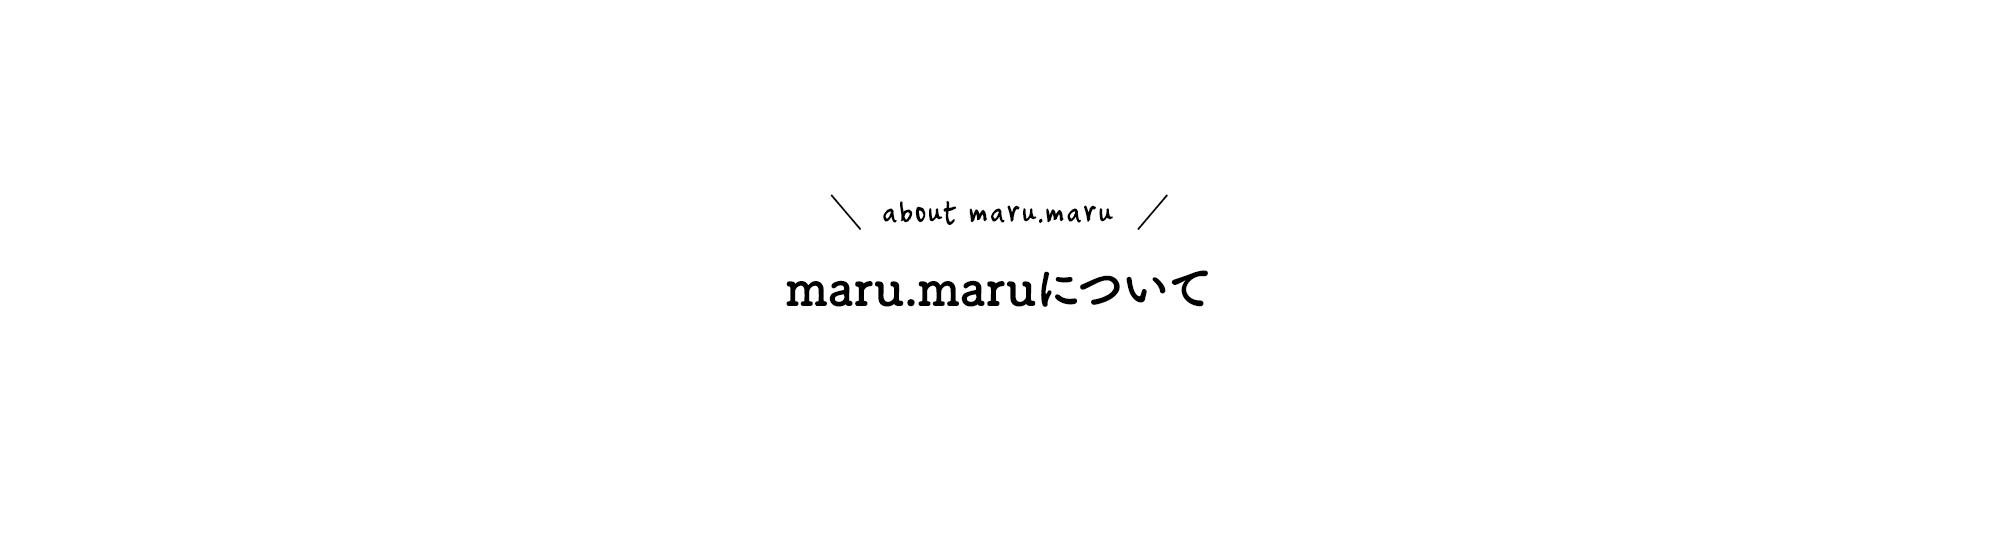 maru.maruについて